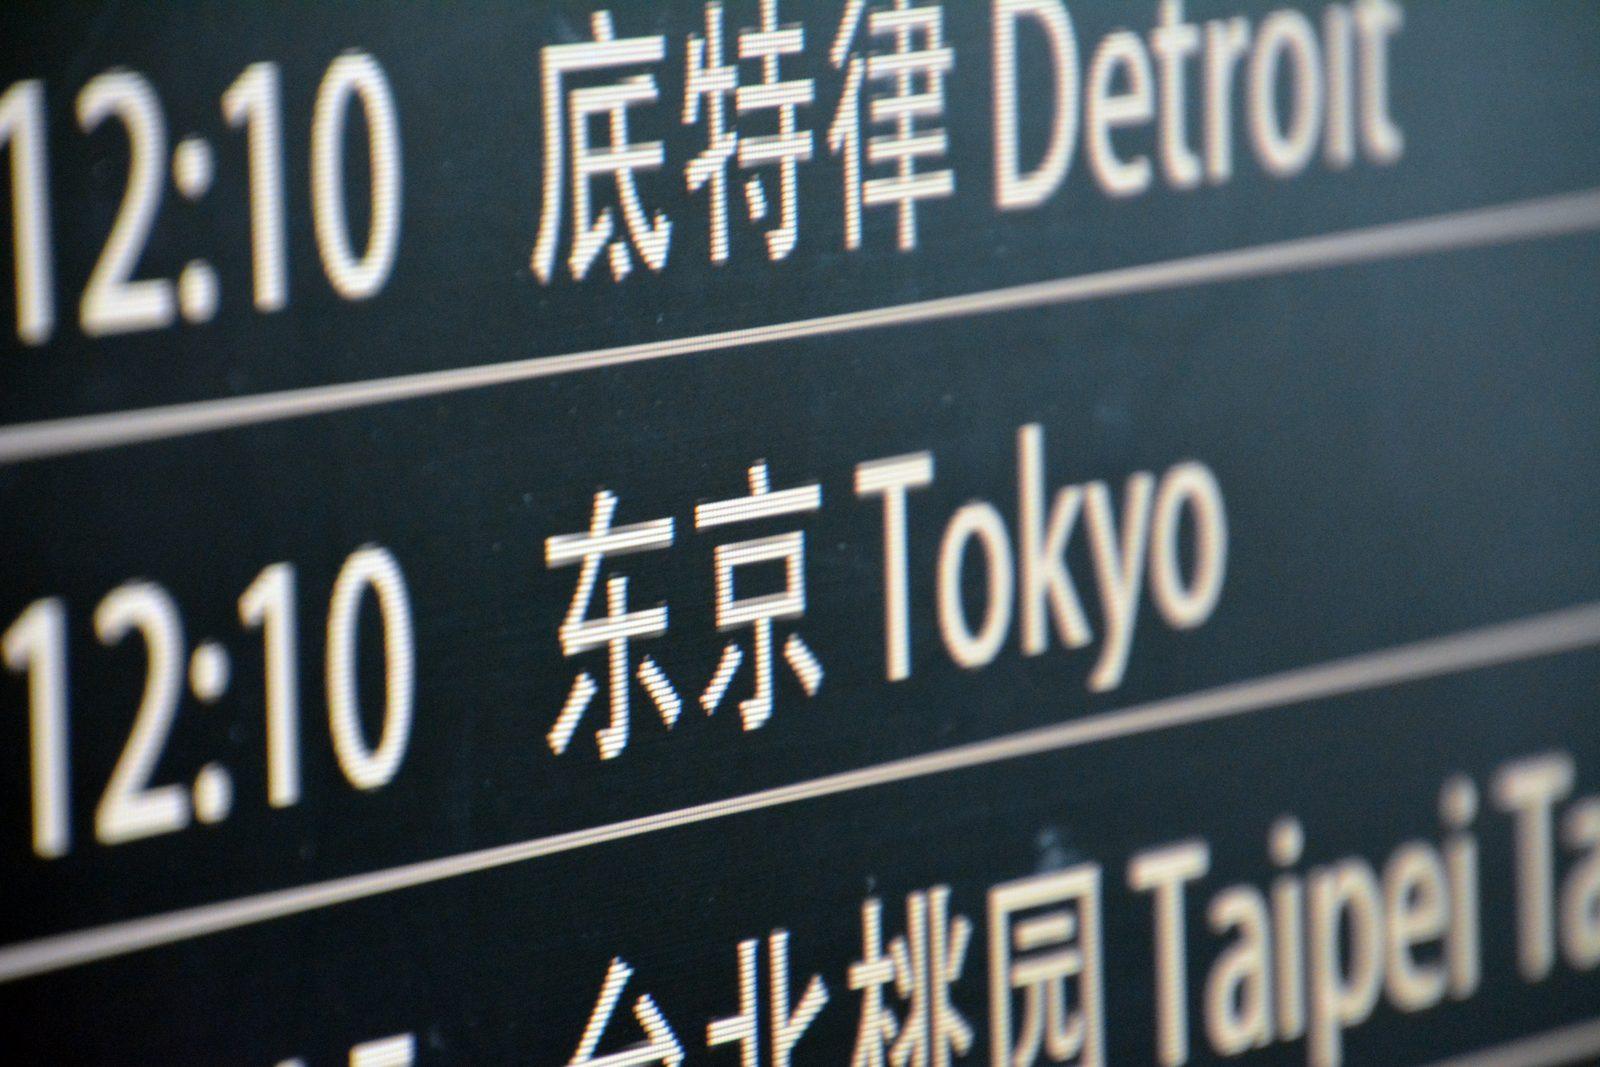 Google翻訳のウェブサイト翻訳ツールがサービス終了しました。